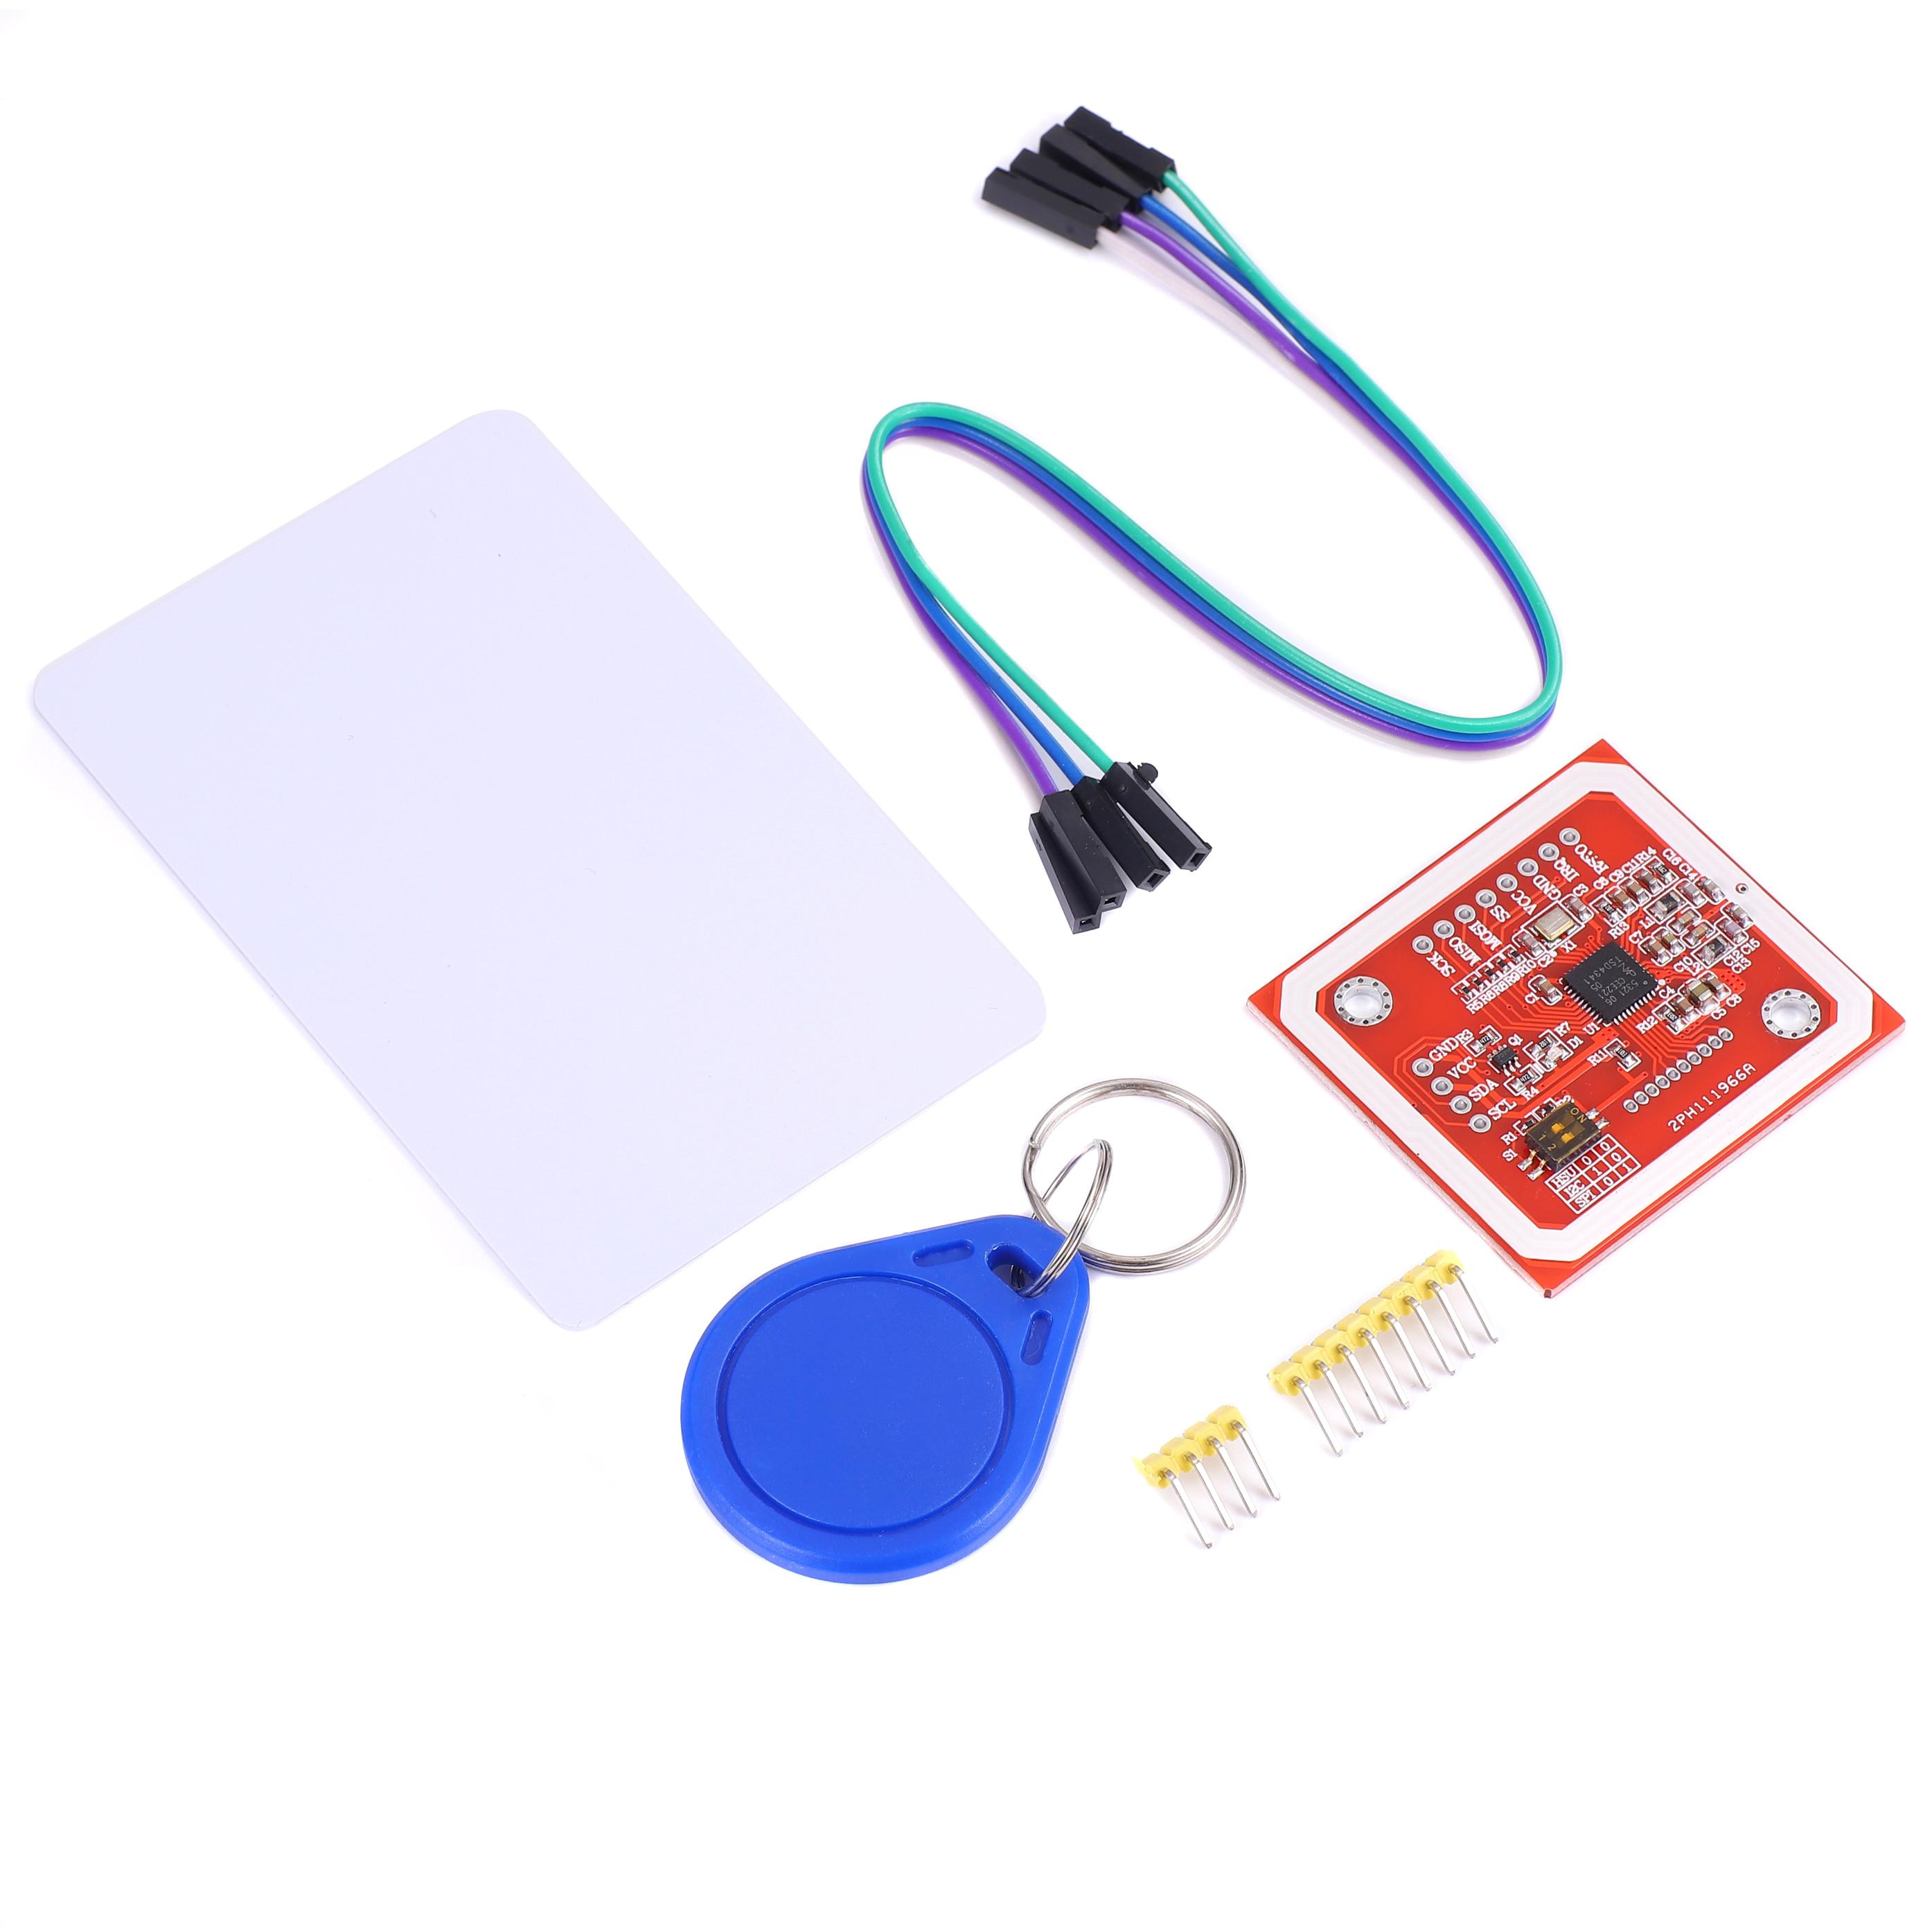 PN532 NFC RFID Беспроводной модуль V3 пользовательские комплекты считыватель писатель режим IC S50 карта PCB Attenna I2C IIC SPI HSU для Arduino